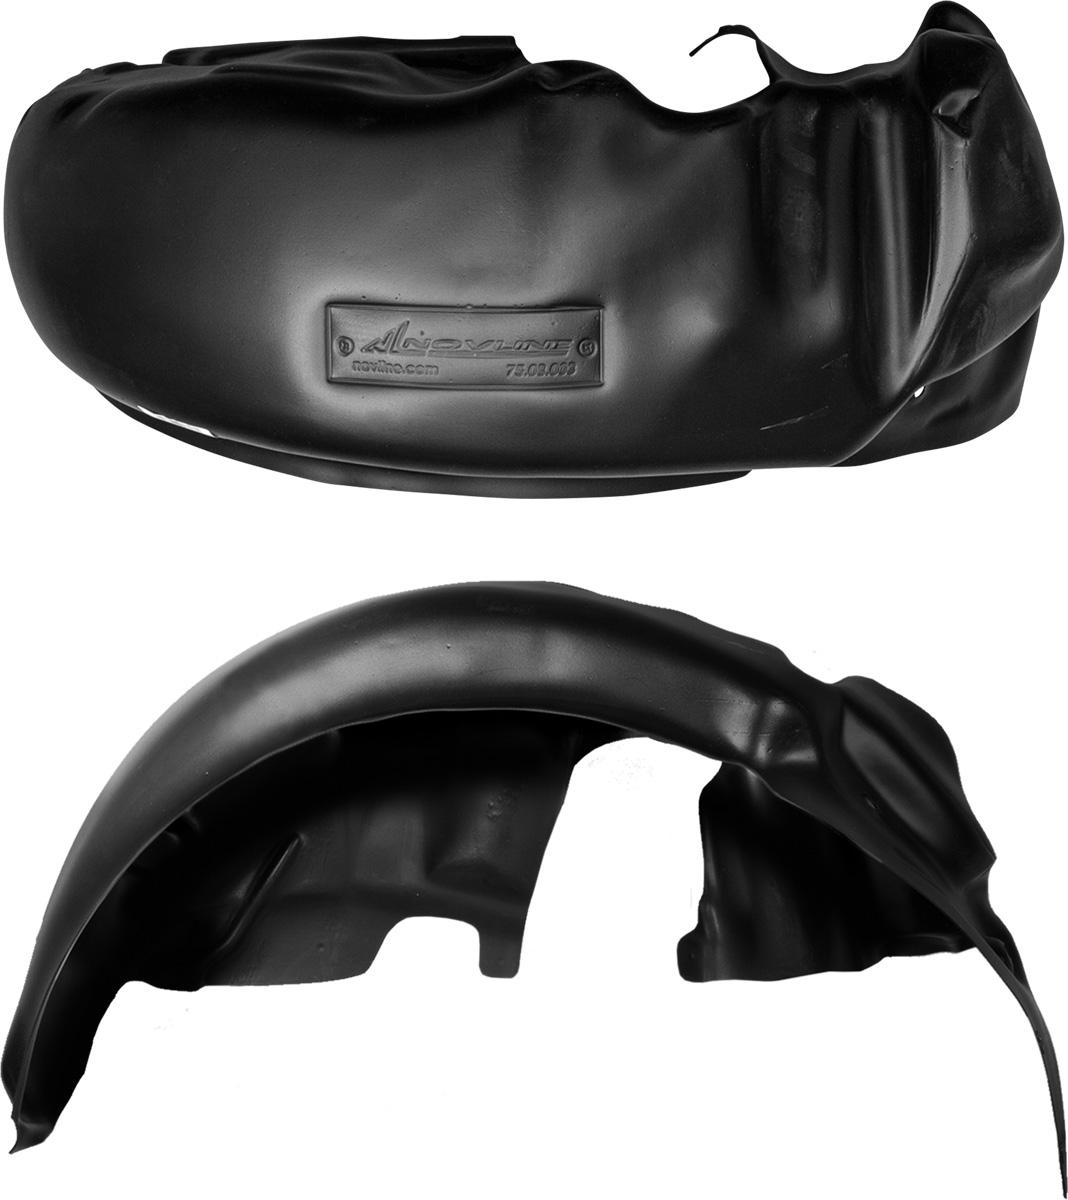 Подкрылок Novline-Autofamily, для Lada Kalina 2, 2013 ->, задний правыйALLDRIVE 501Колесные ниши - одни из самых уязвимых зон днища вашего автомобиля. Они постоянно подвергаются воздействию со стороны дороги. Лучшая, почти абсолютная защита для них - специально отформованные пластиковые кожухи, которые называются подкрылками. Производятся они как для отечественных моделей автомобилей, так и для иномарок. Подкрылки Novline-Autofamily выполнены из высококачественного, экологически чистого пластика. Обеспечивают надежную защиту кузова автомобиля от пескоструйного эффекта и негативного влияния, агрессивных антигололедных реагентов. Пластик обладает более низкой теплопроводностью, чем металл, поэтому в зимний период эксплуатации использование пластиковых подкрылков позволяет лучше защитить колесные ниши от налипания снега и образования наледи. Оригинальность конструкции подчеркивает элегантность автомобиля, бережно защищает нанесенное на днище кузова антикоррозийное покрытие и позволяет осуществить крепление подкрылков внутри колесной арки практически без дополнительного крепежа и сверления, не нарушая при этом лакокрасочного покрытия, что предотвращает возникновение новых очагов коррозии. Подкрылки долговечны, обладают высокой прочностью и сохраняют заданную форму, а также все свои физико-механические характеристики в самых тяжелых климатических условиях (от -50°С до +50°С).Уважаемые клиенты!Обращаем ваше внимание, на тот факт, что подкрылок имеет форму, соответствующую модели данного автомобиля. Фото служит для визуального восприятия товара.